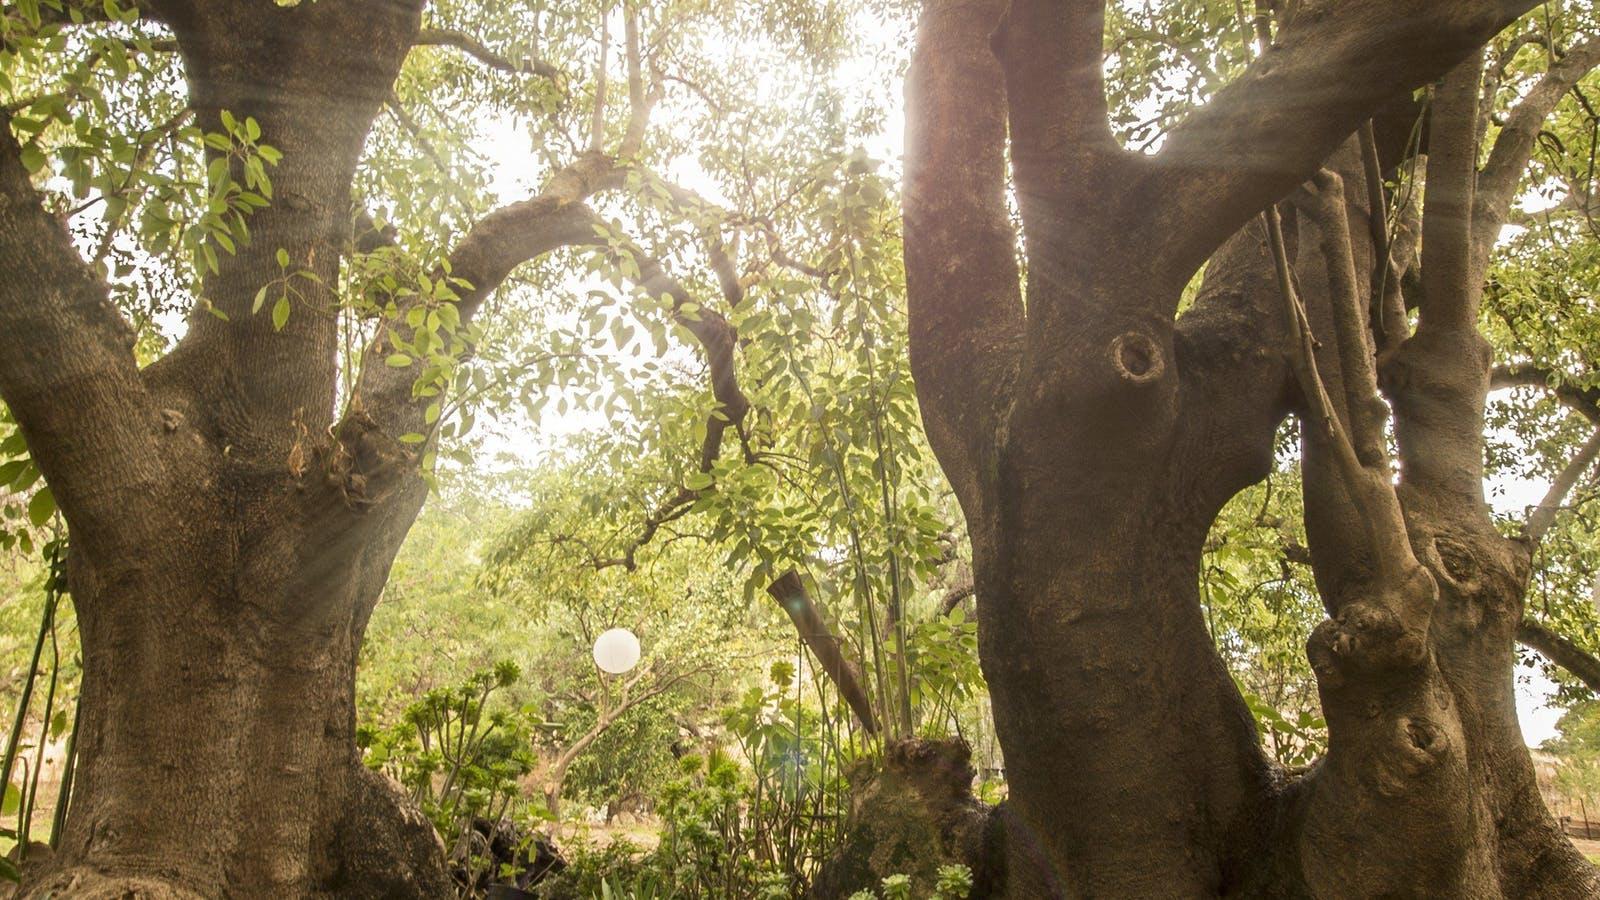 Heritage listed Ombu Trees